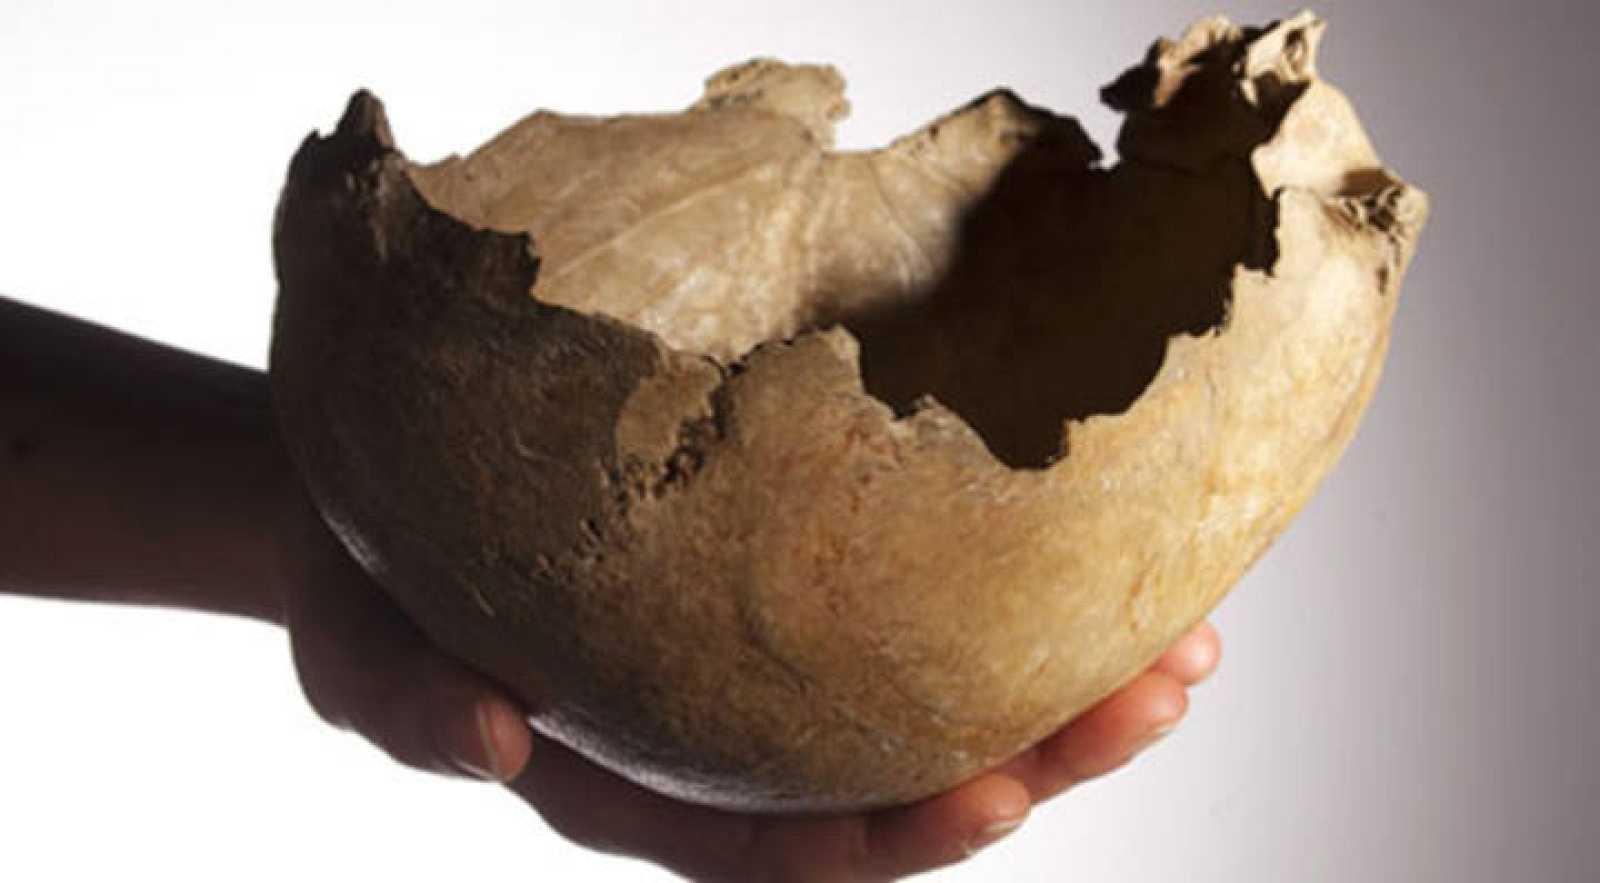 Uno de los cráneos humanos empleados como cuencos